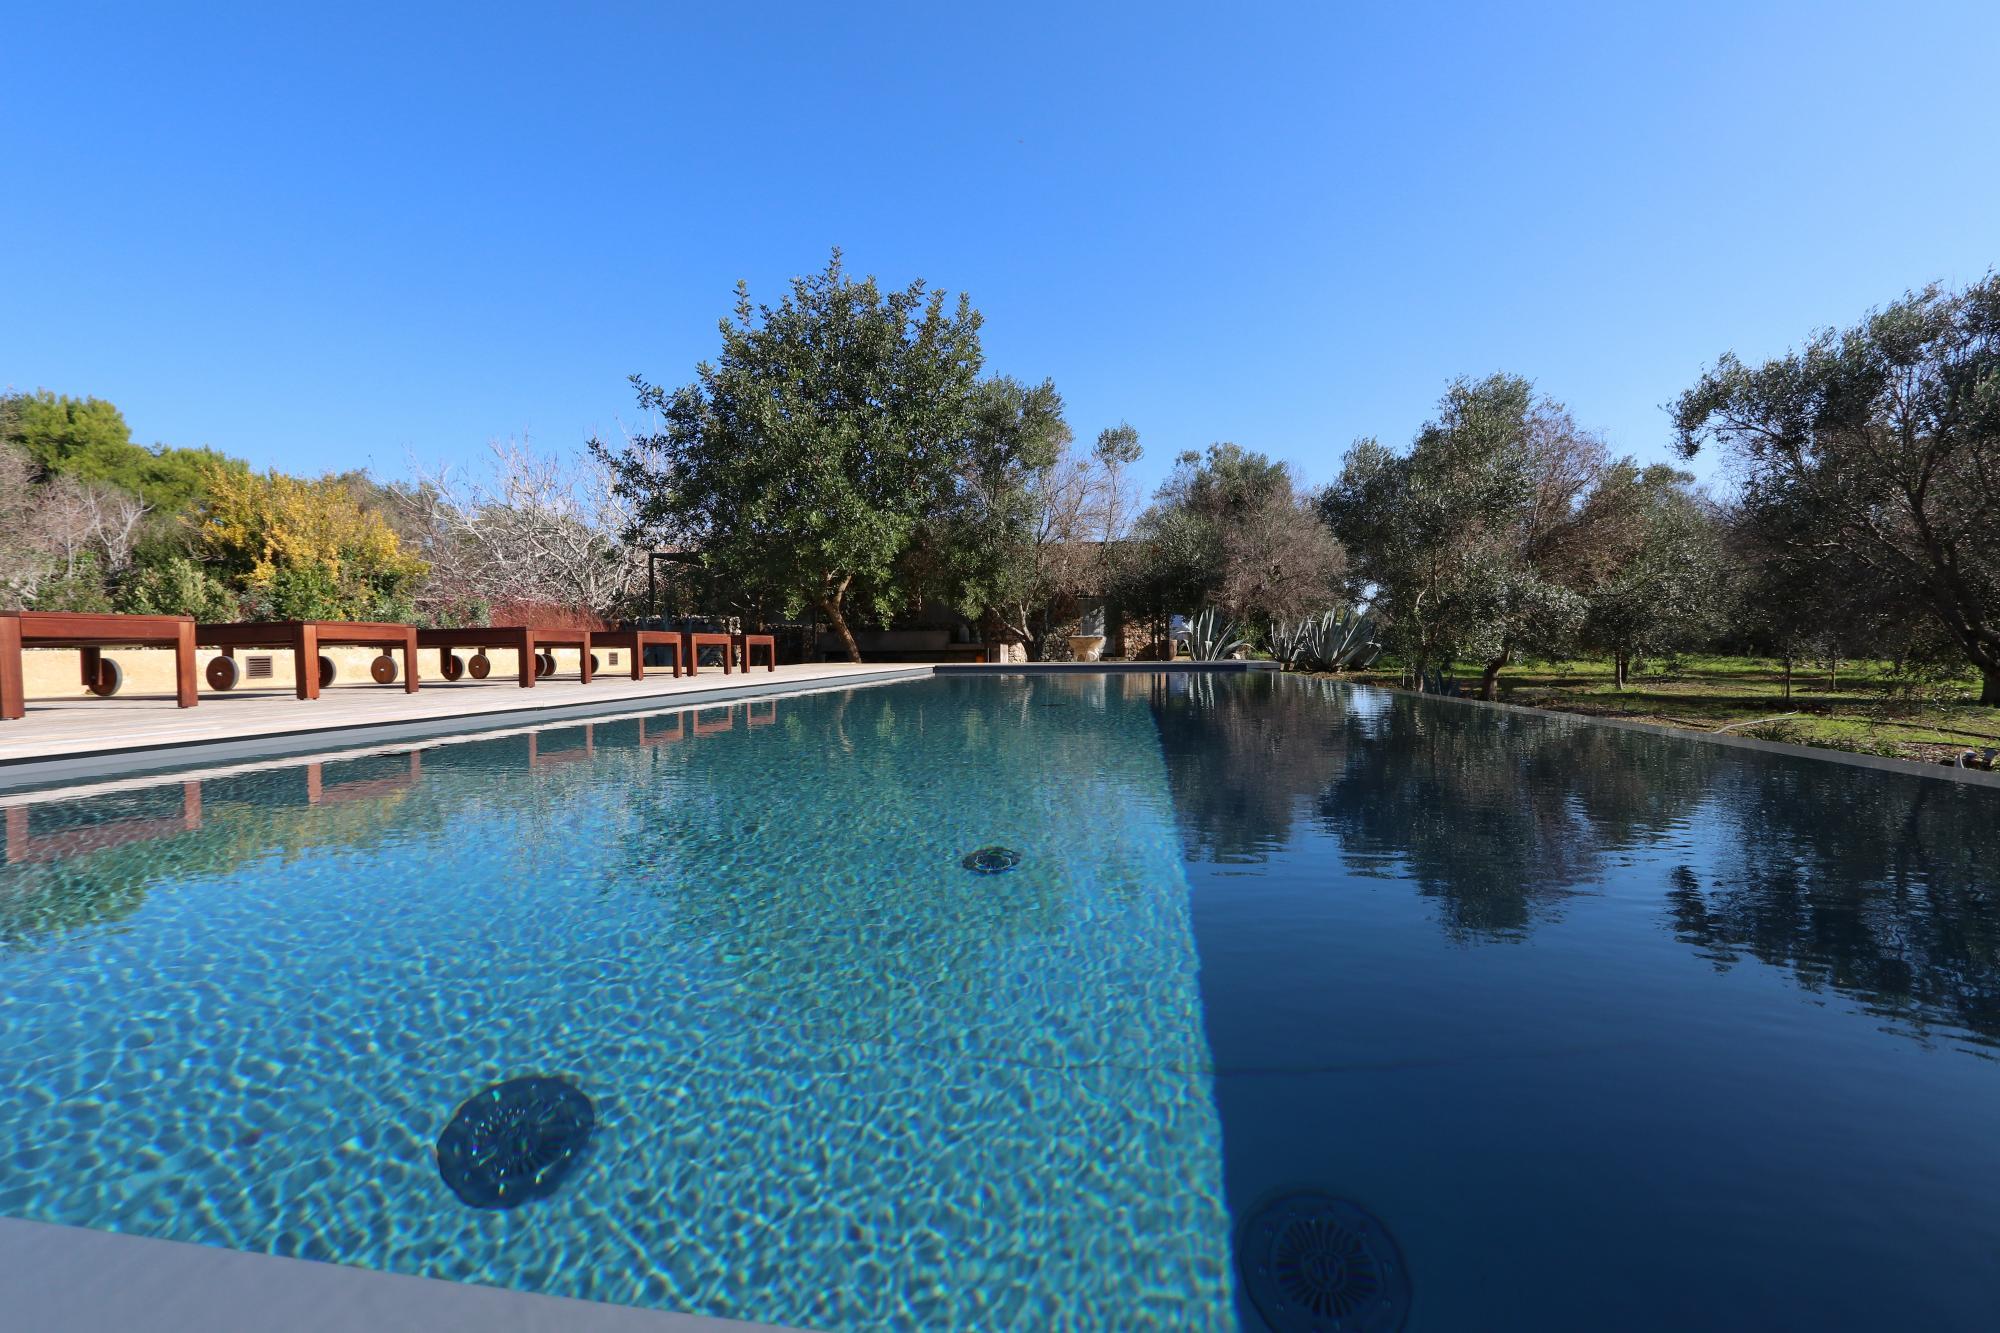 Villa con Piscina, e Trulli ristrutturati abitabili, in un meraviglioso giardino  - Morciano di Leuca